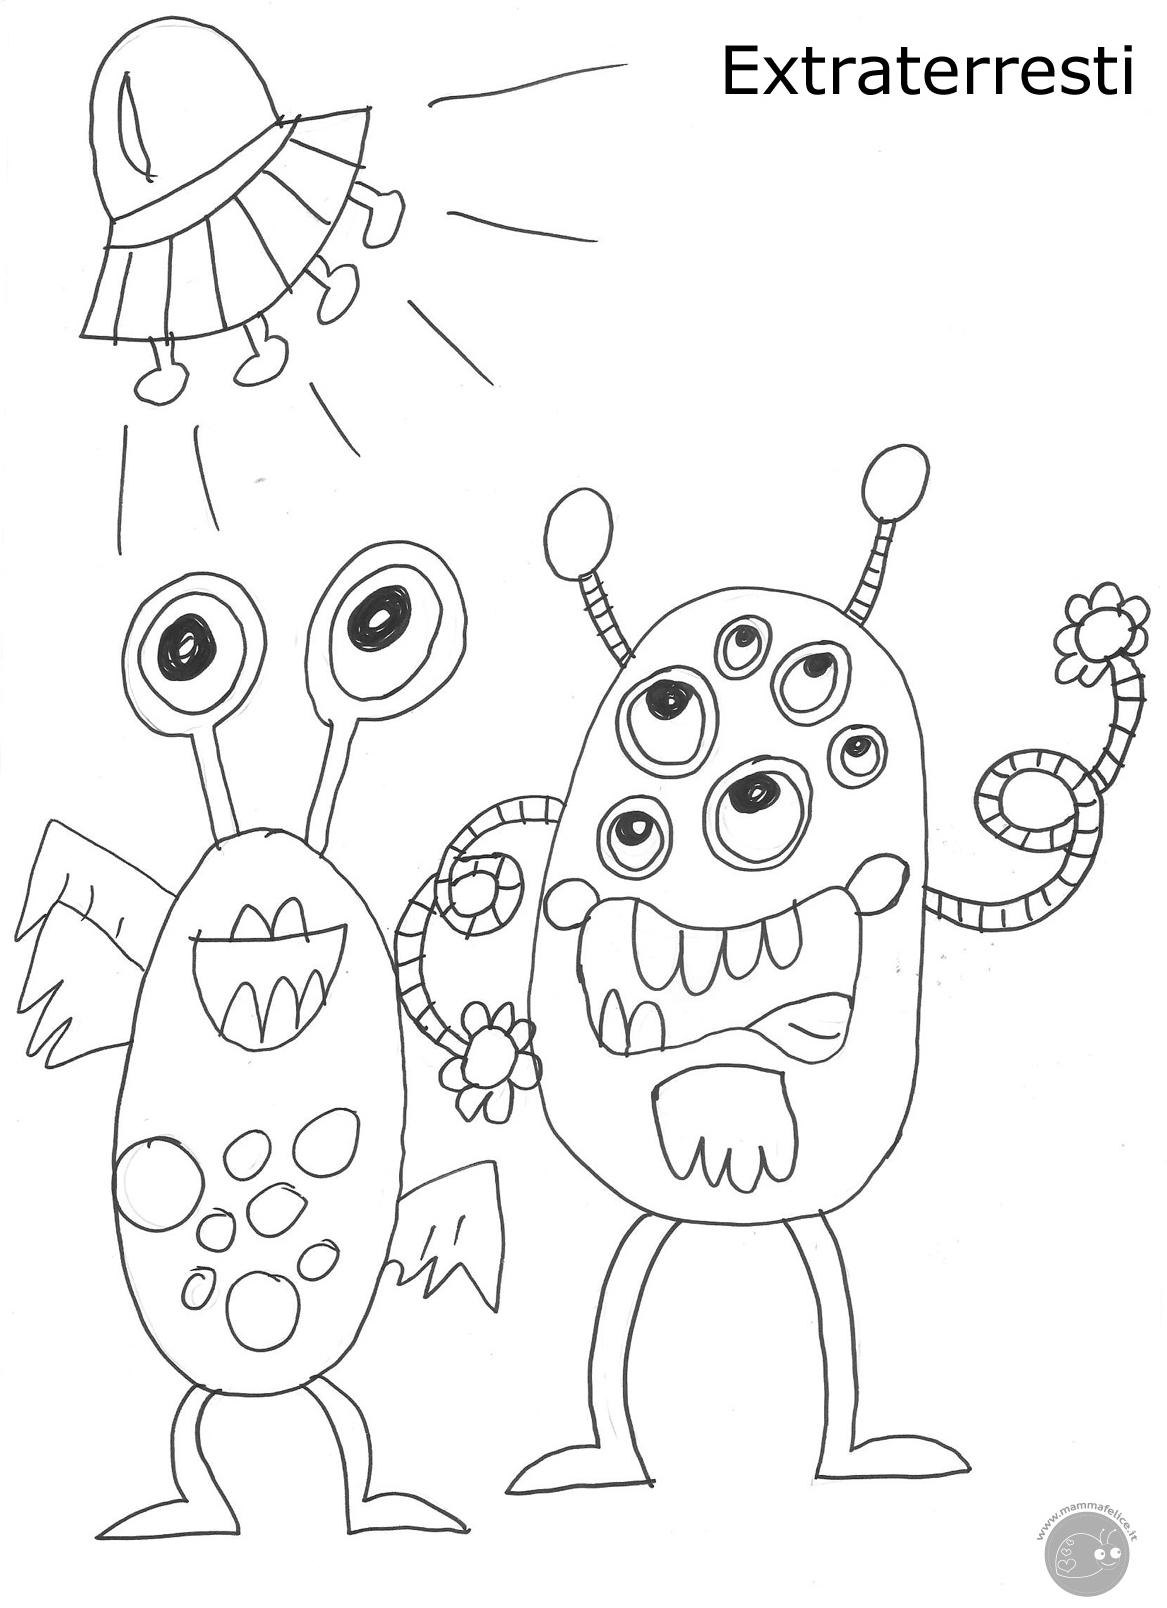 Disegno da colorare mostri e alieni disegni mammafelice for Immagini di disegni per bambini